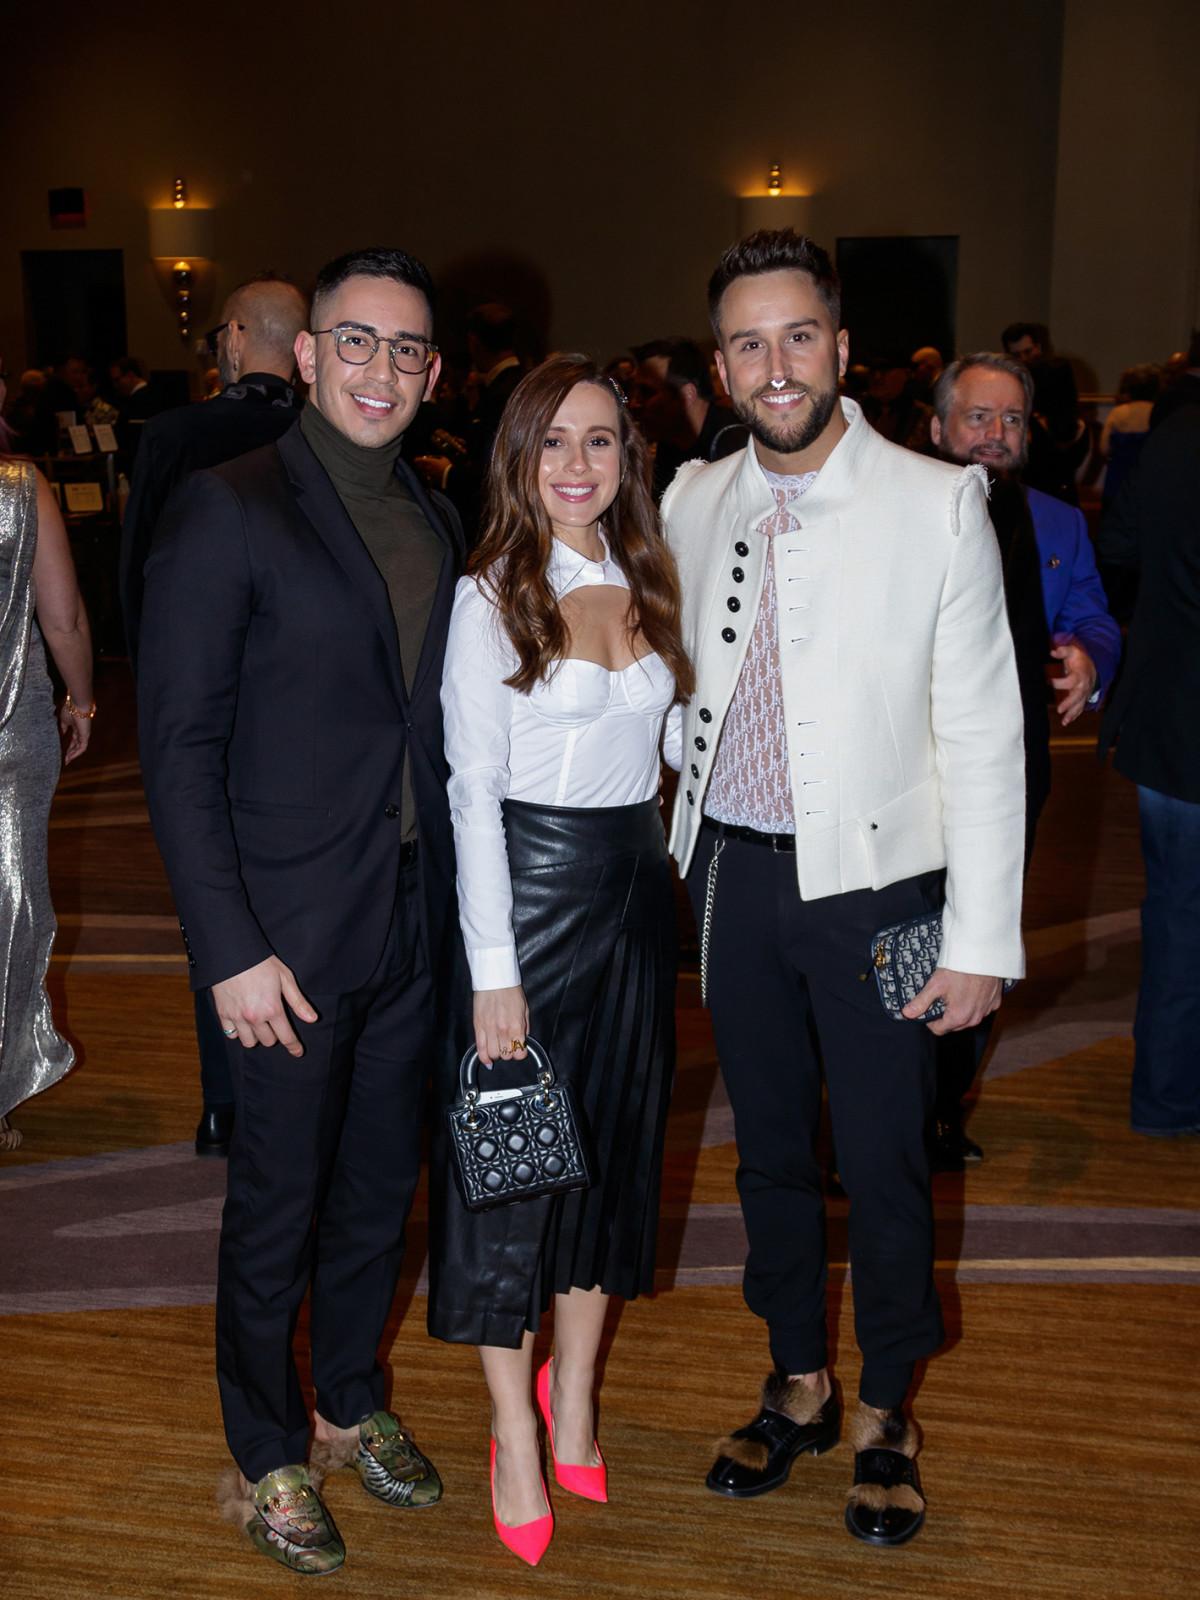 Julian Garfio, Megan Delgado, Jake Walton